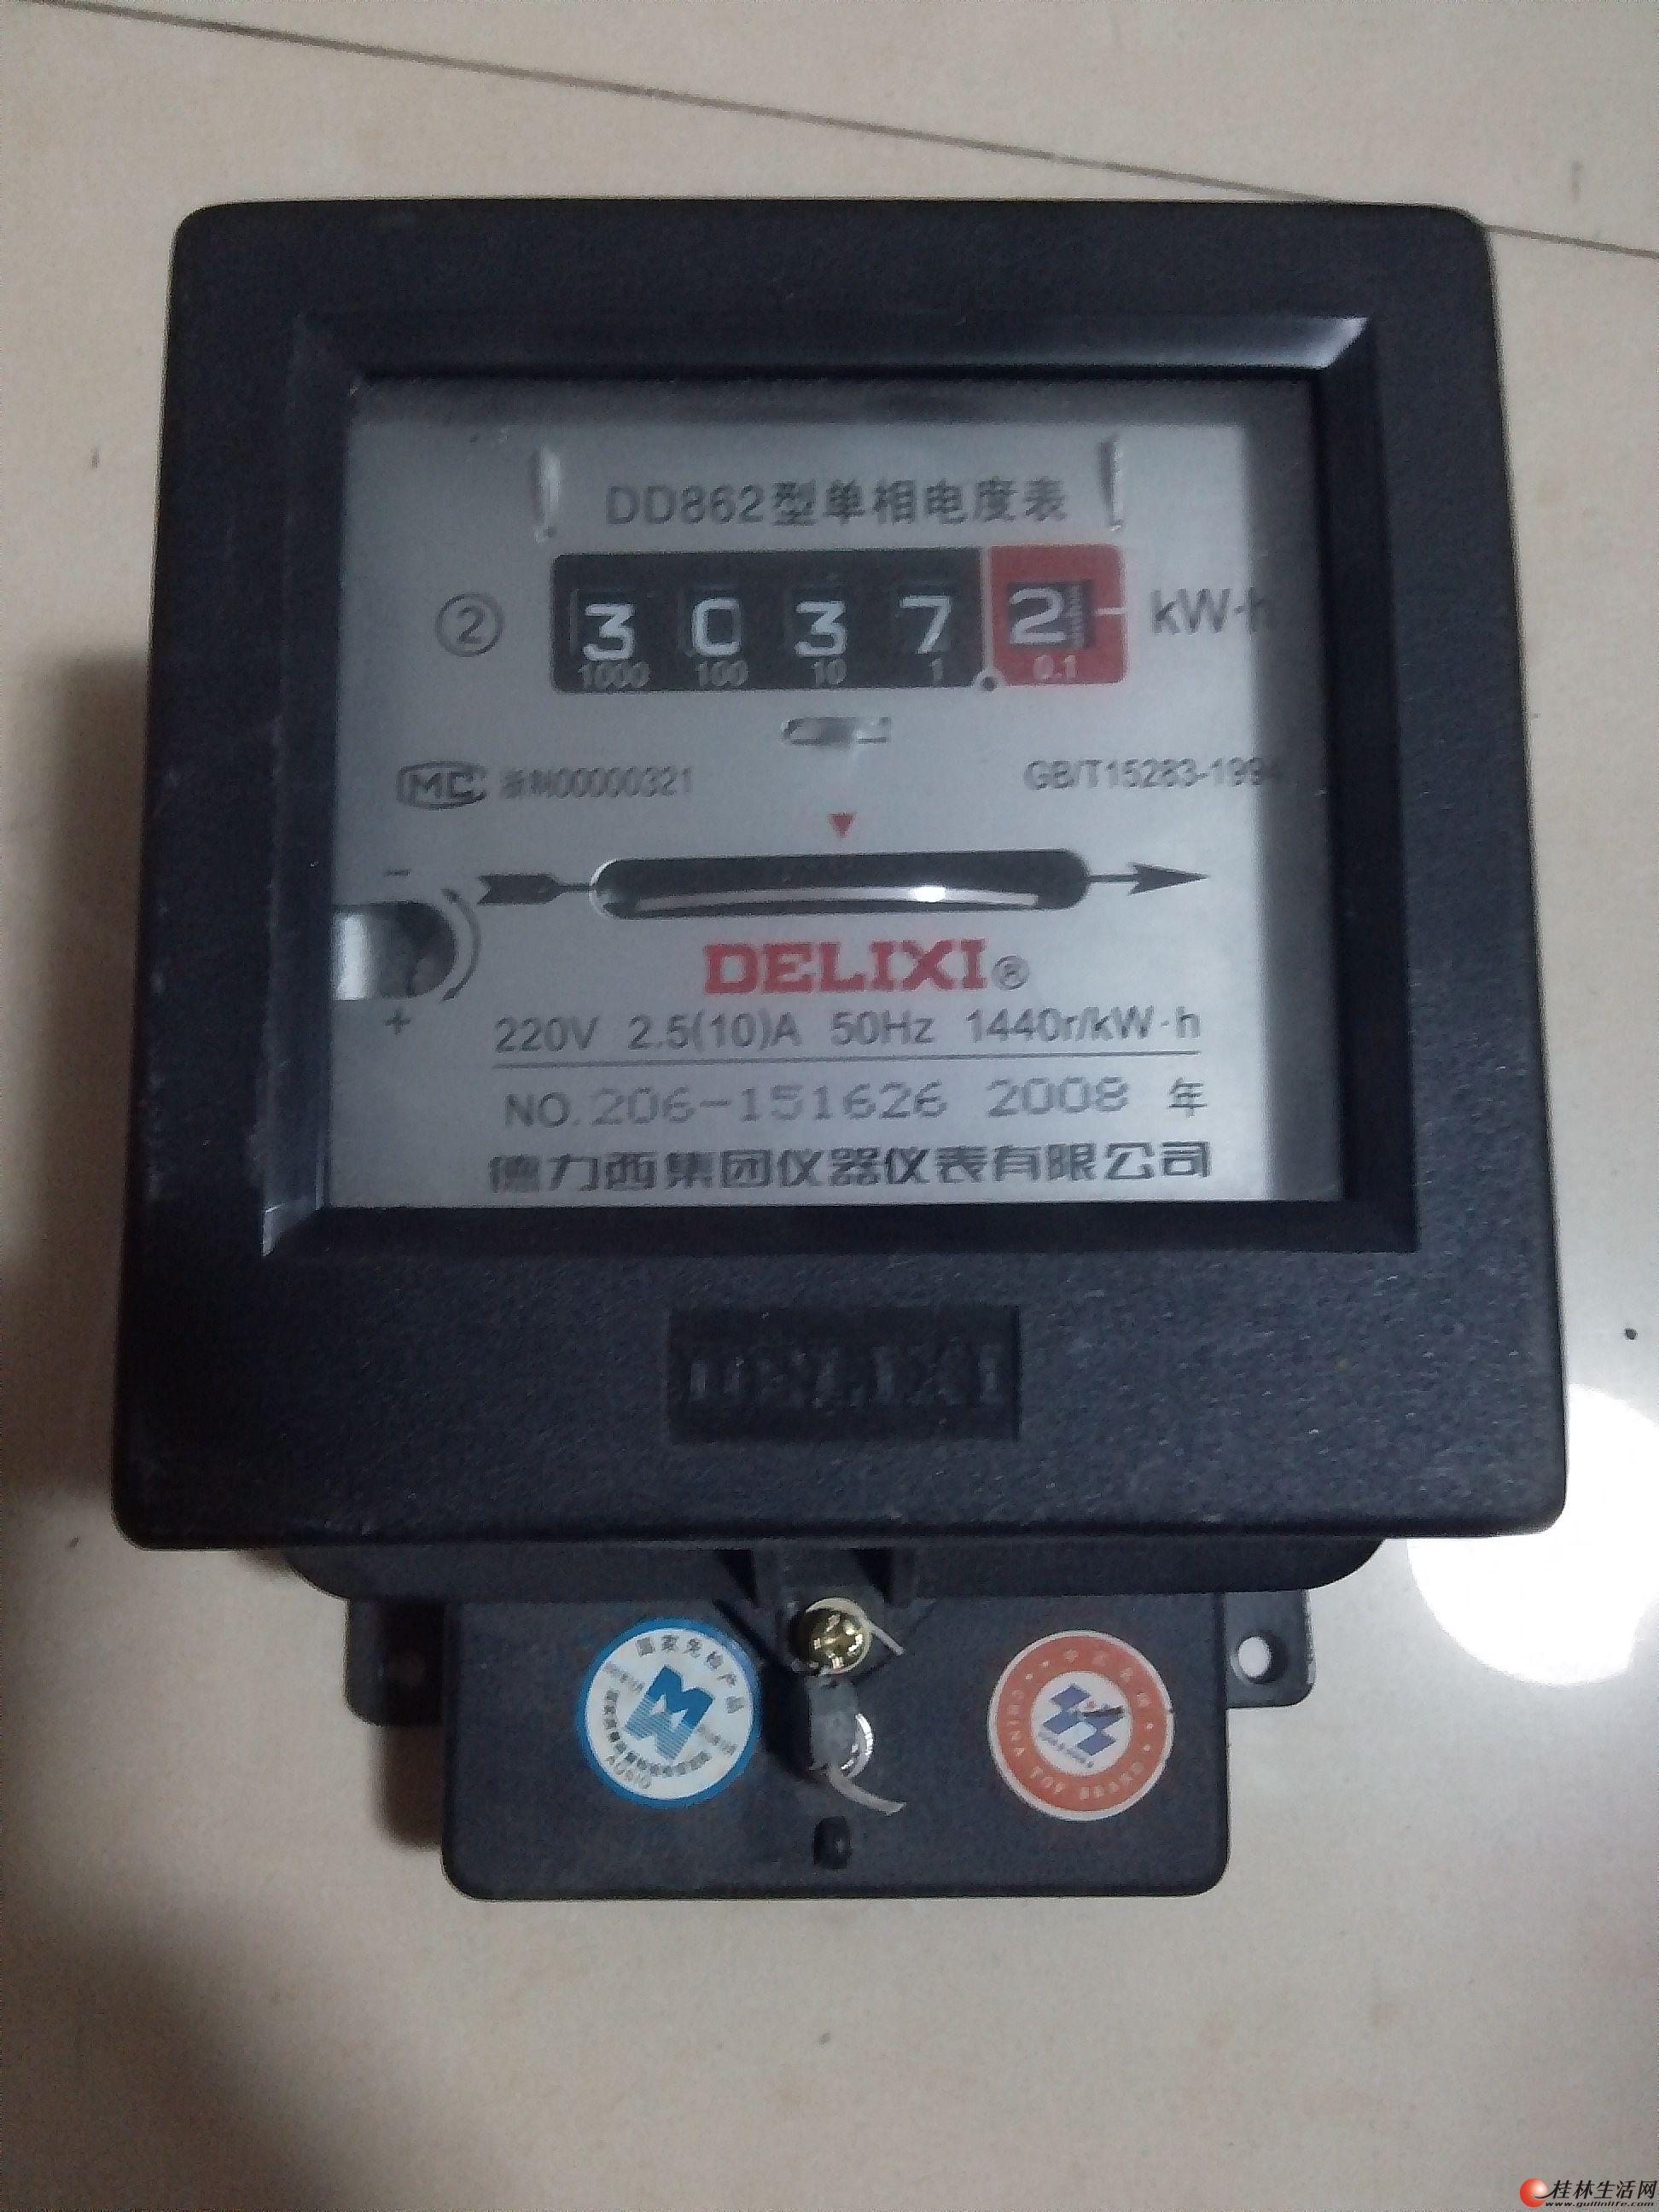 出租房的好帮手-各式家用单相电度表出售